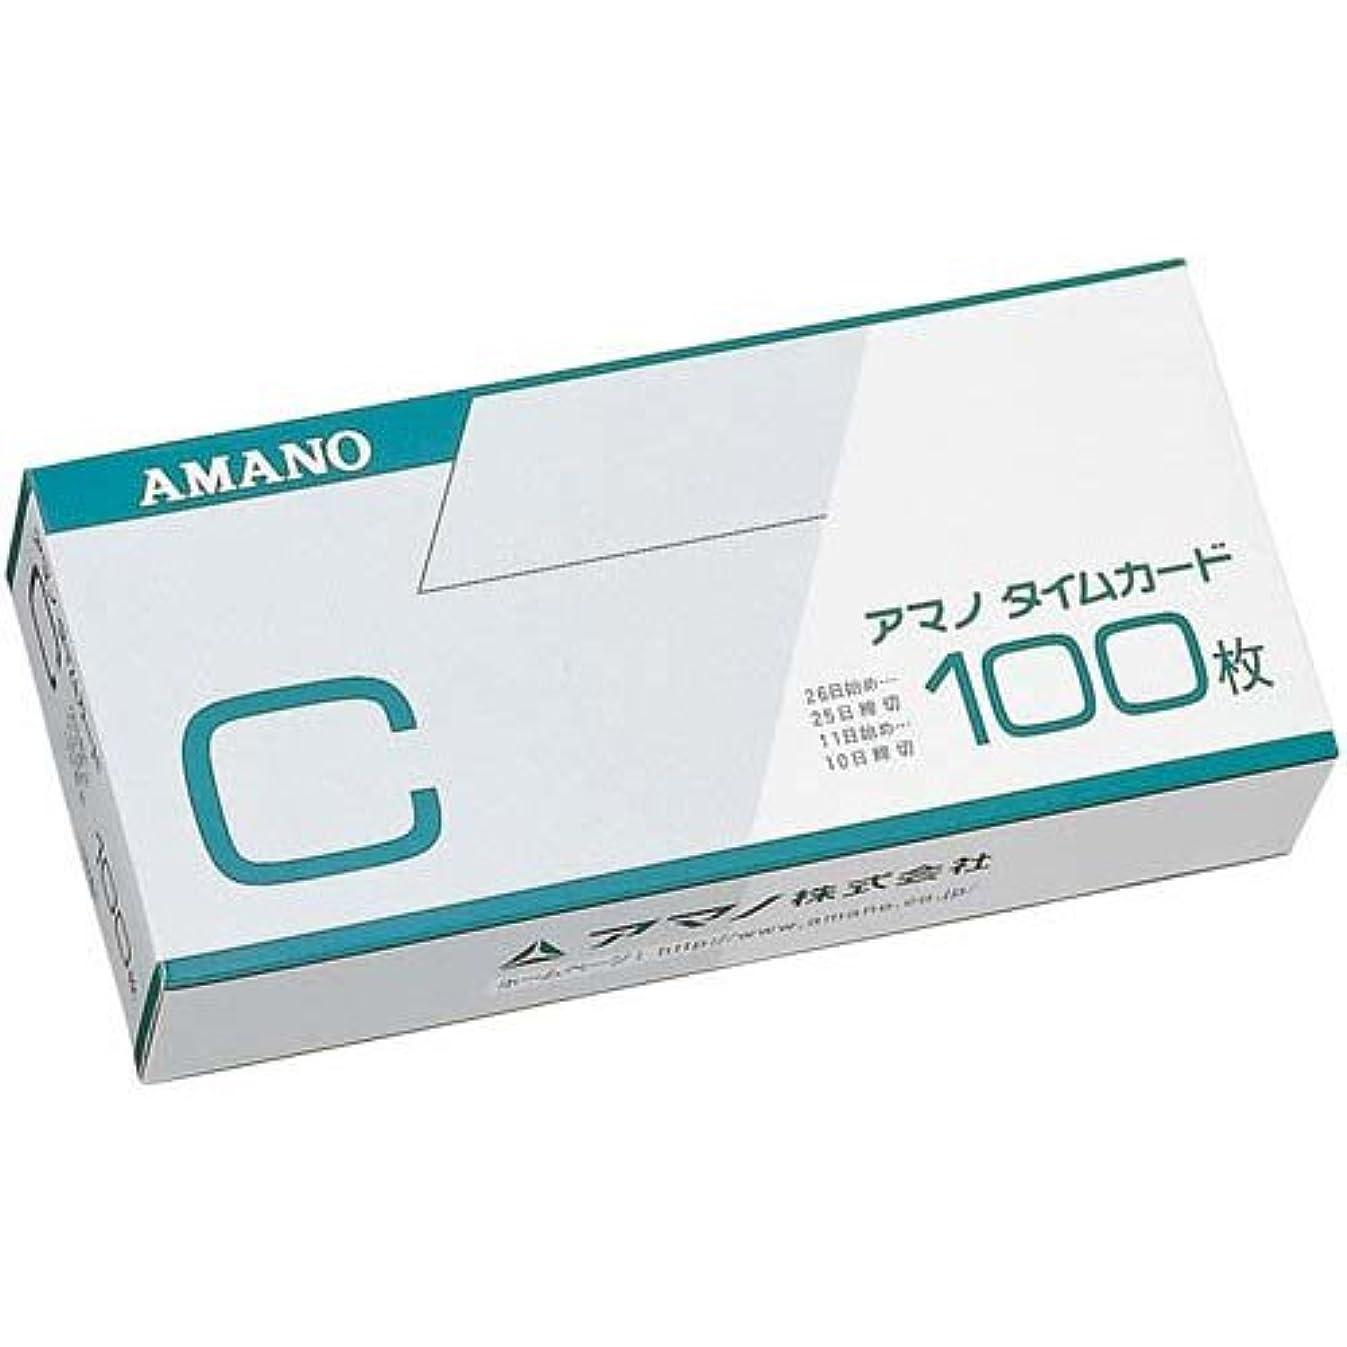 狂信者例舗装するアマノ 標準タイムカードC 100枚x3セット